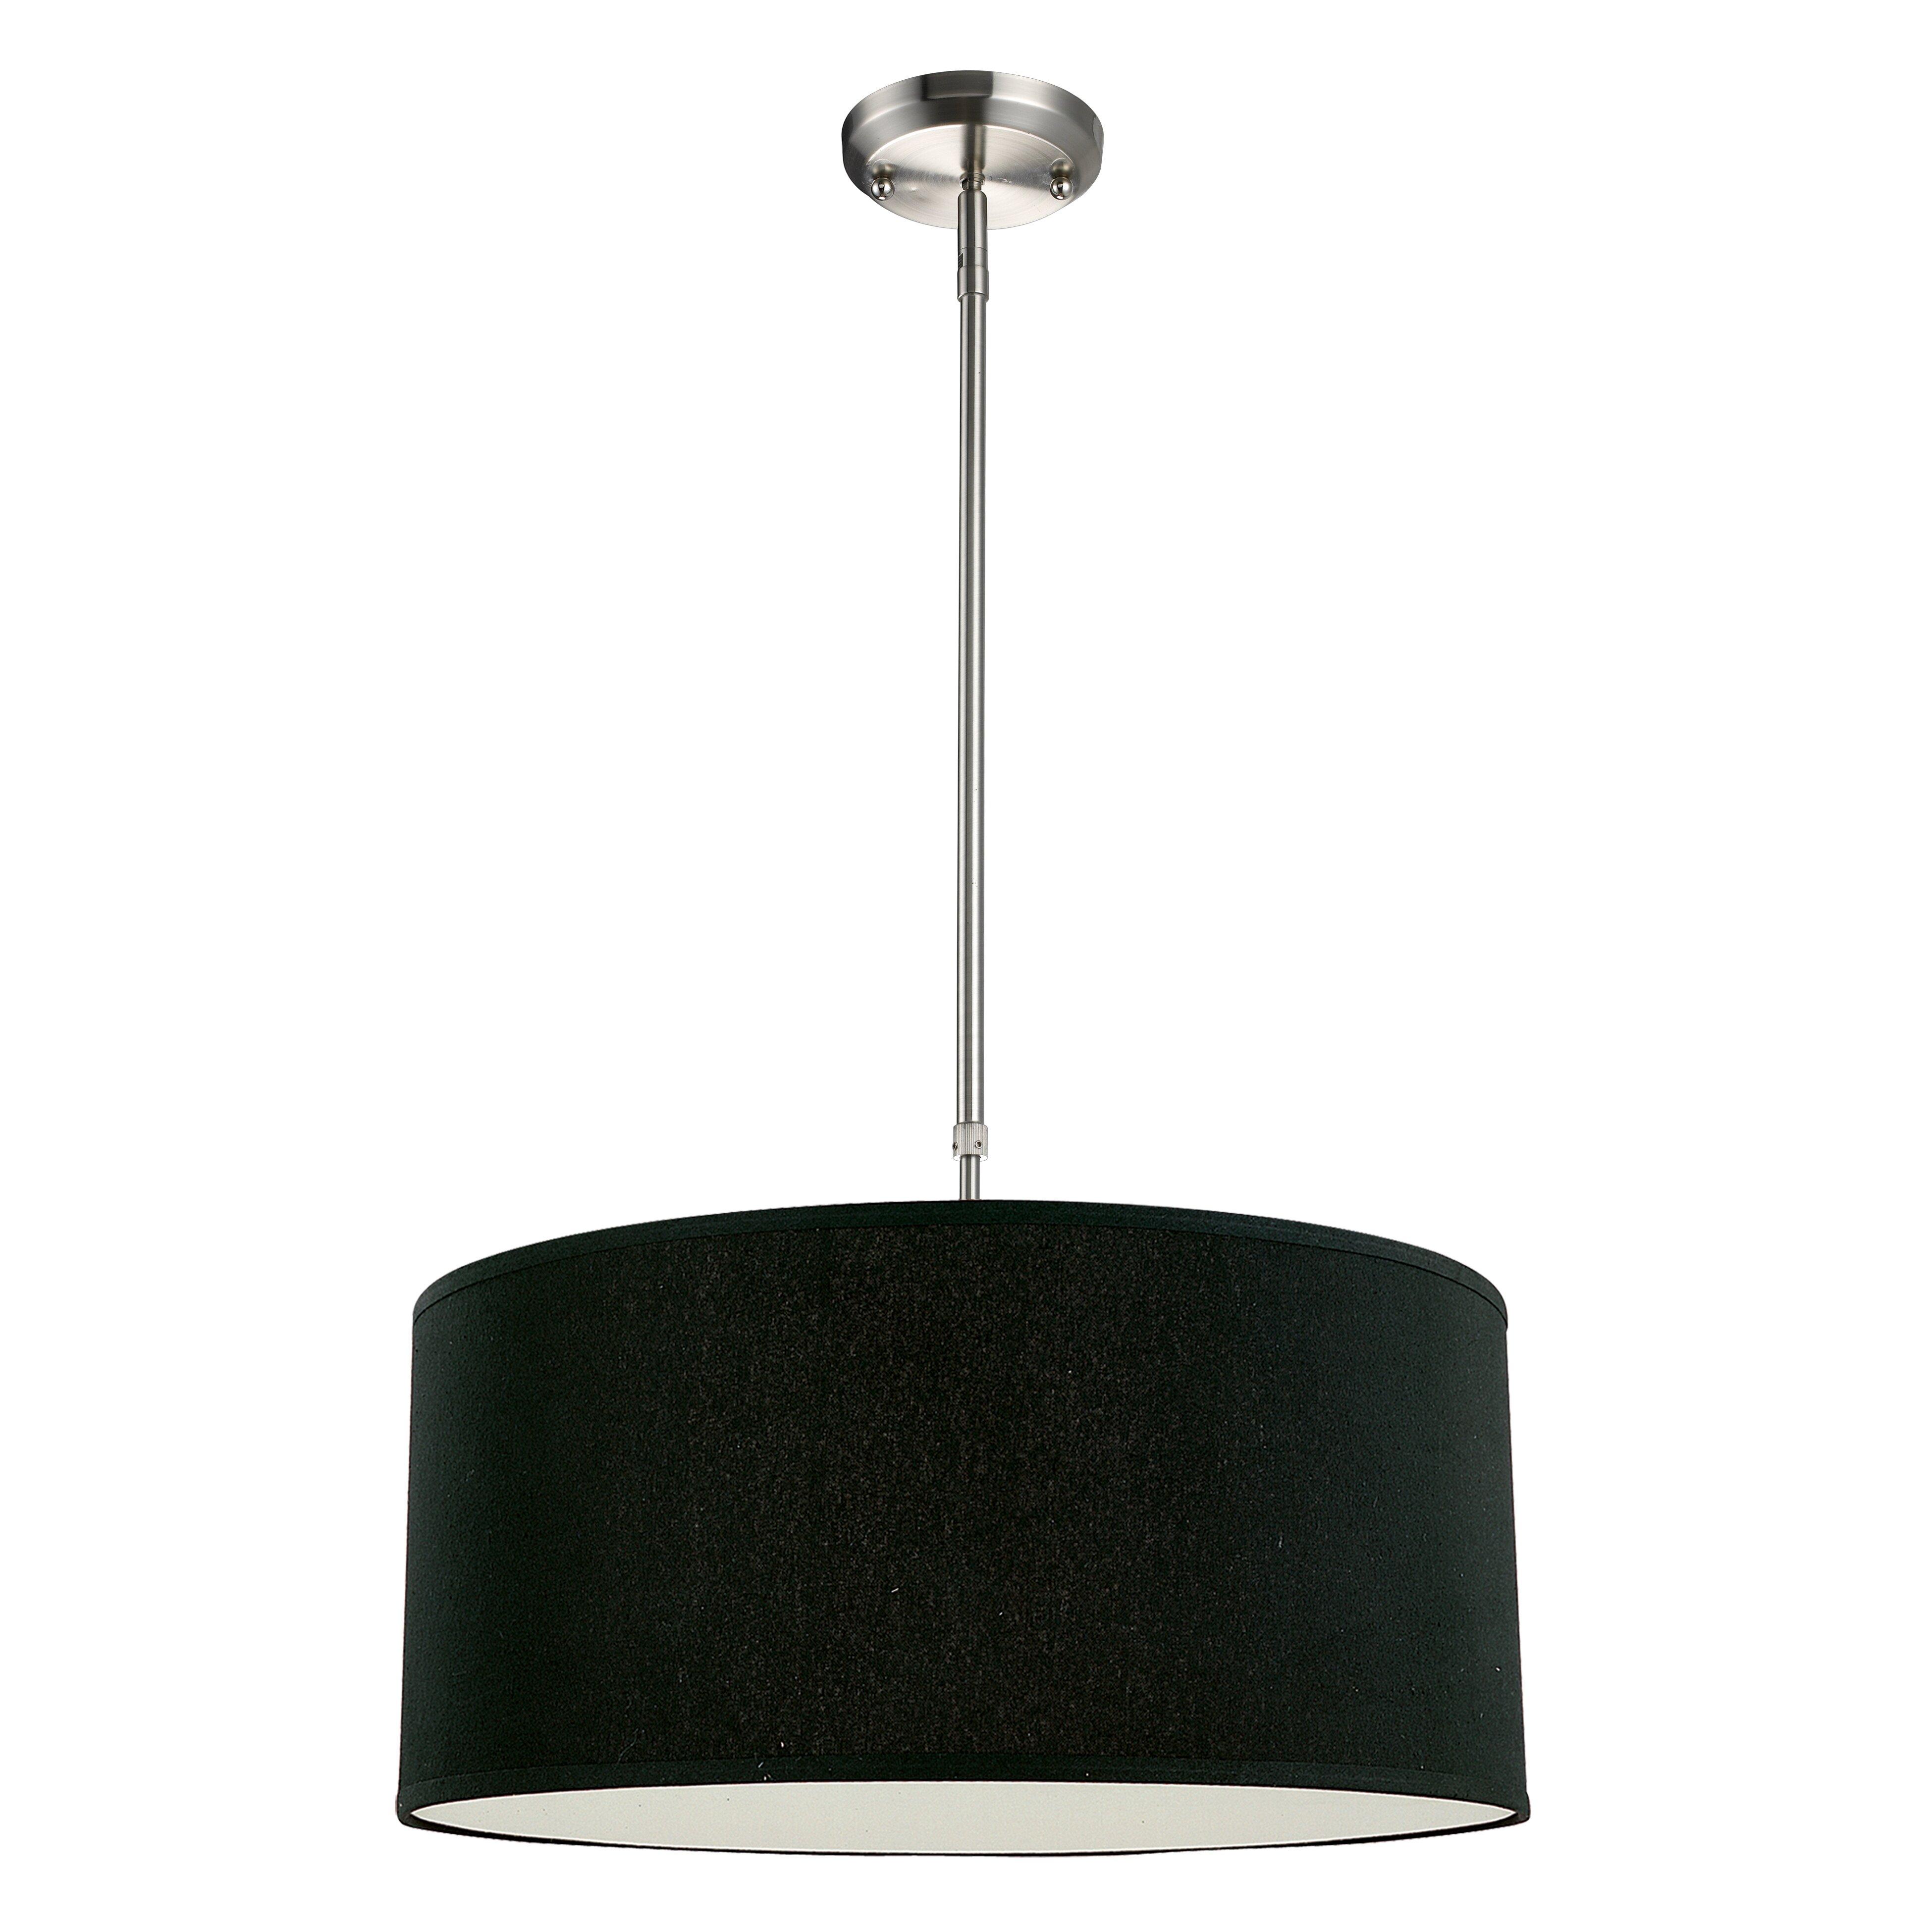 Foyer Drum Pendant Lighting : Z lite albion light drum foyer convertible pendant